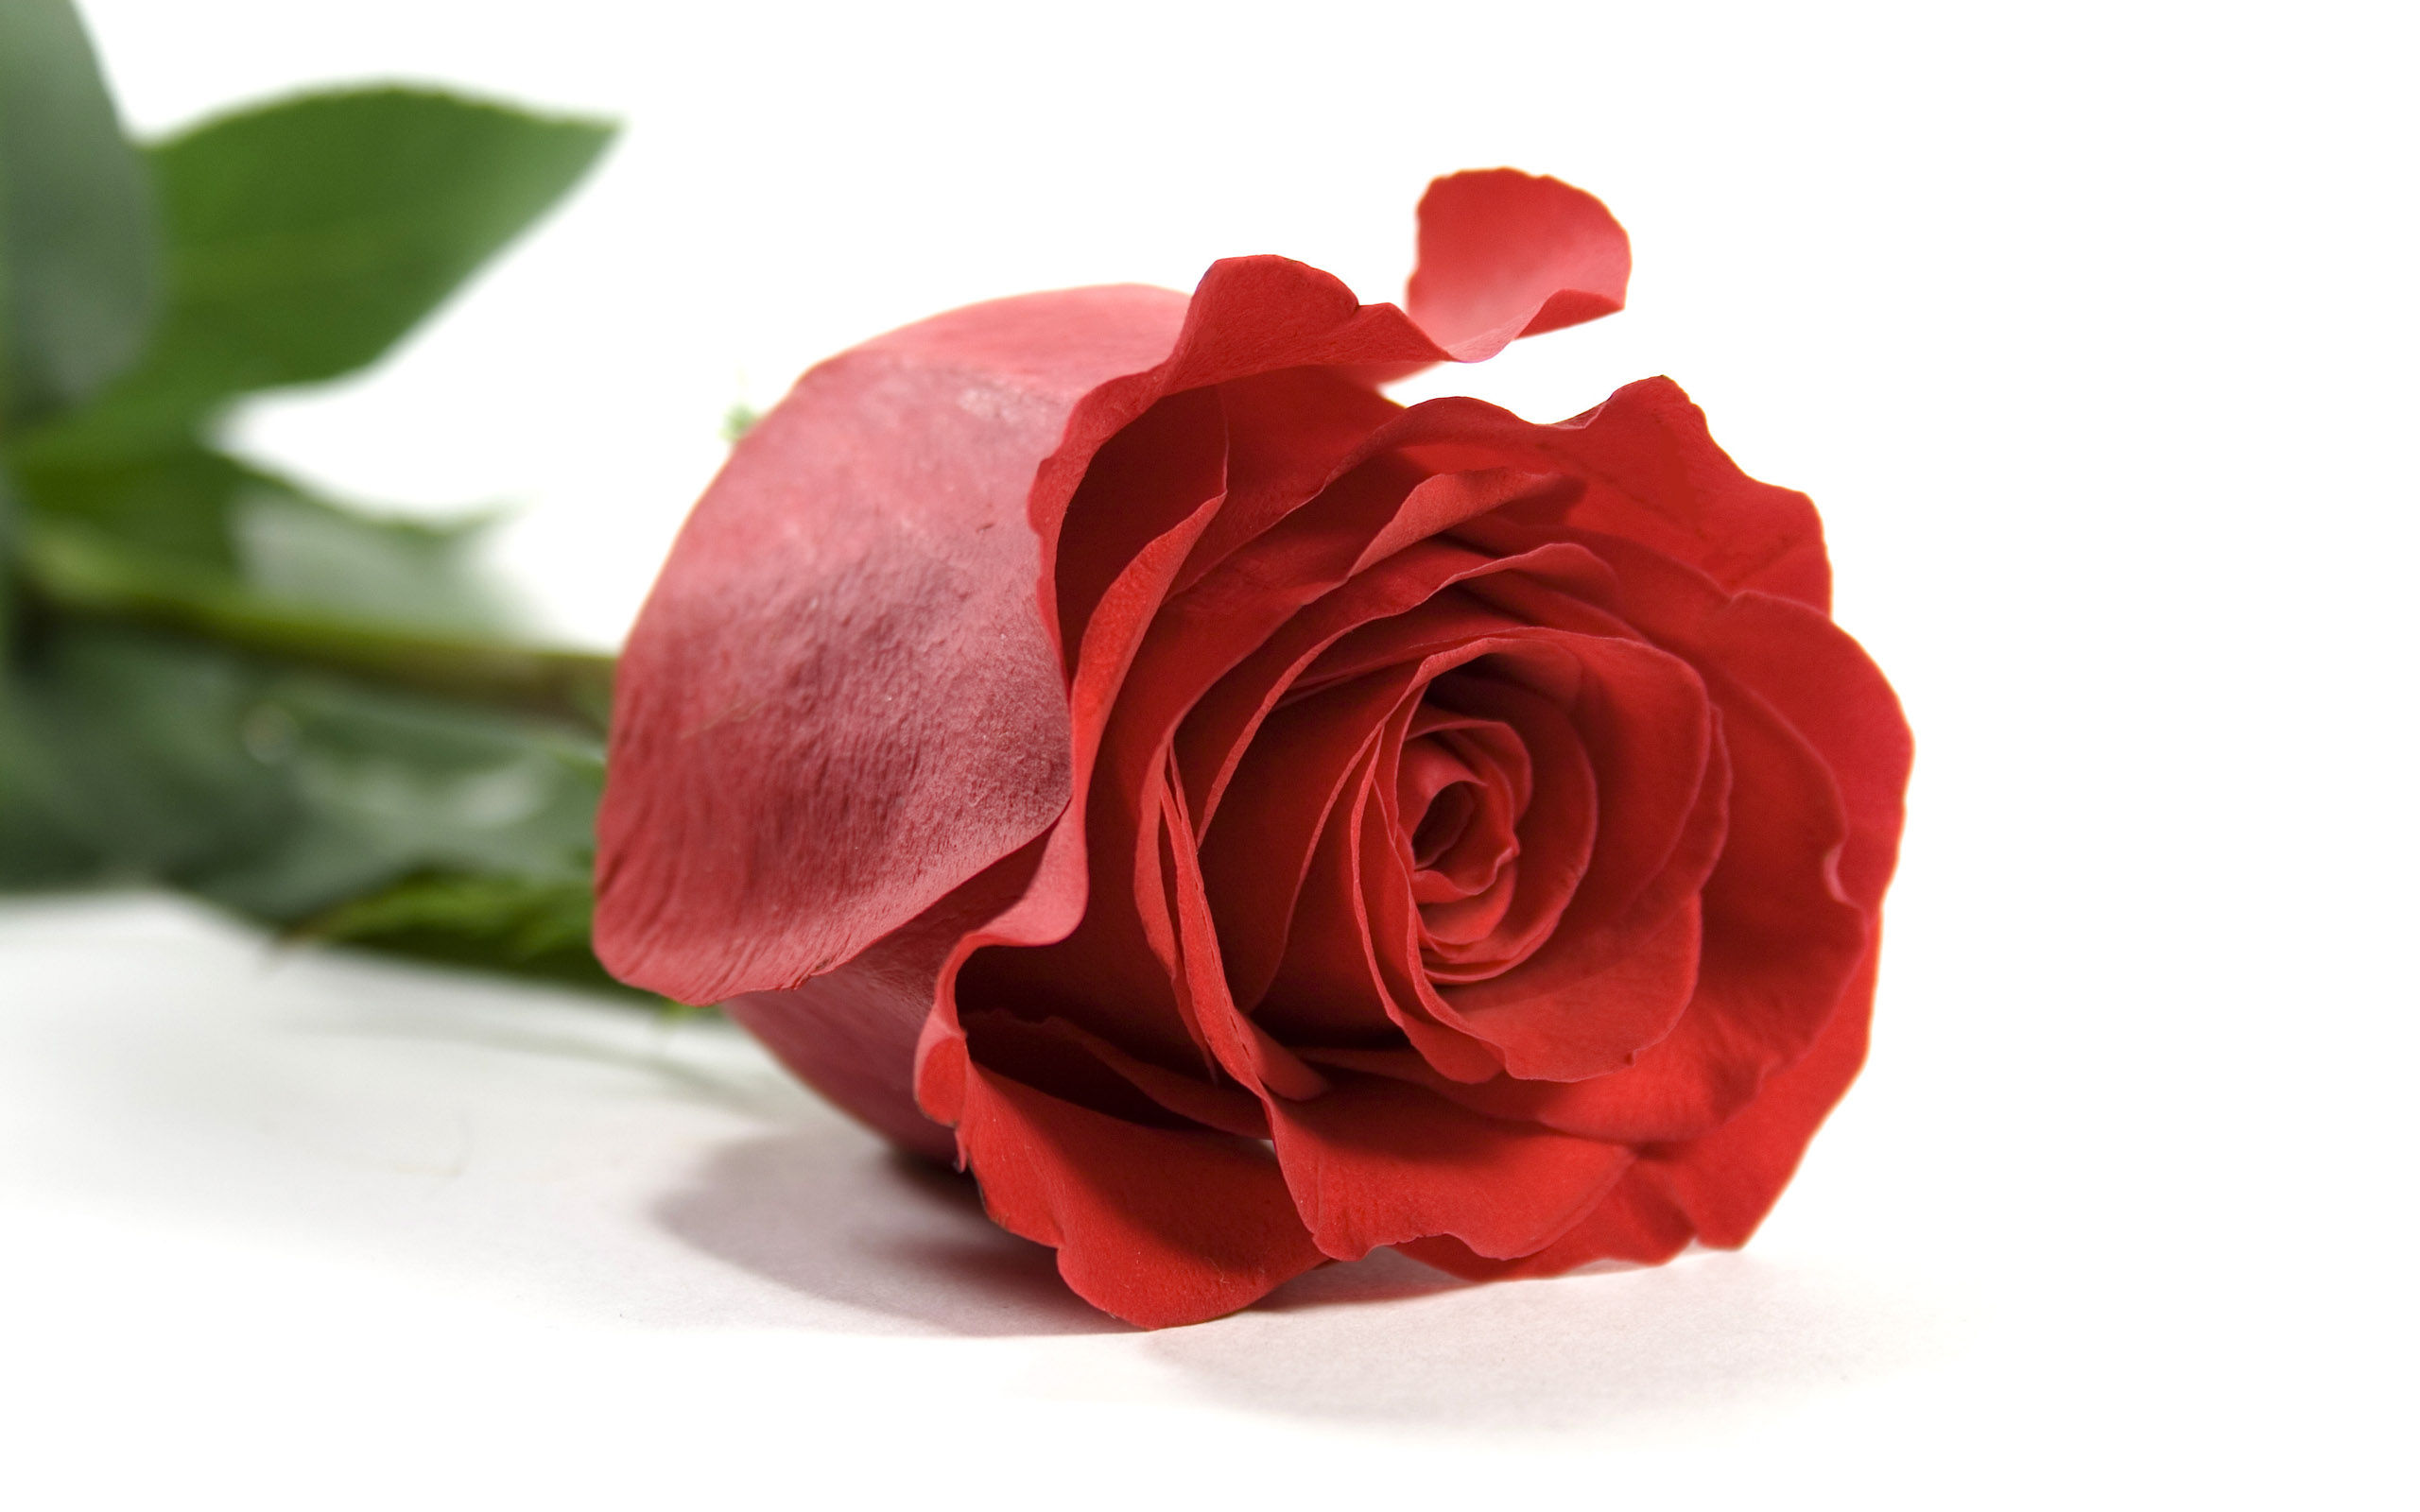 free wallpaper of roses - wallpapersafari